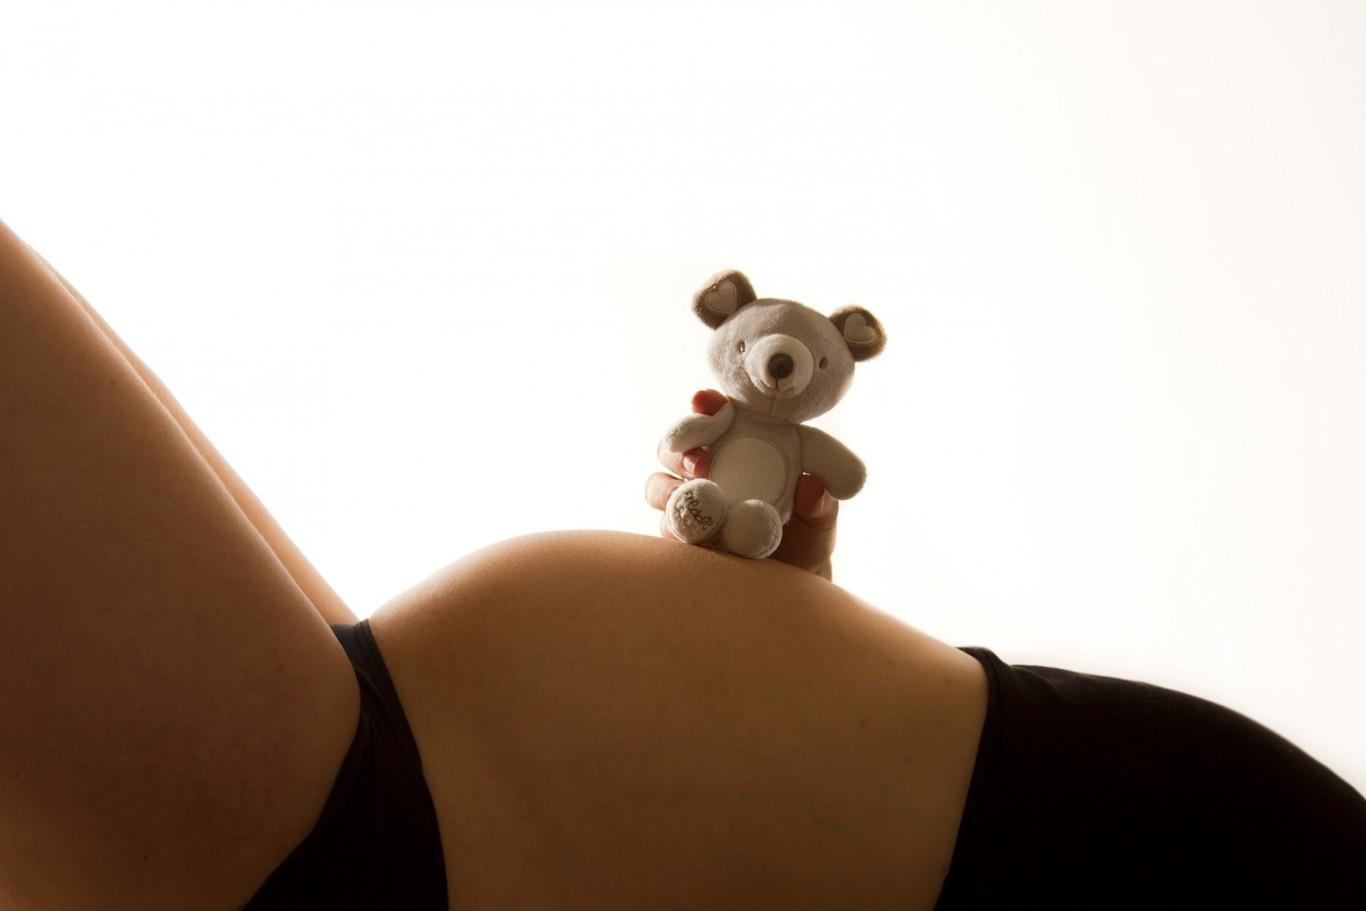 imagenes de bebe de 15 semanas de embarazo